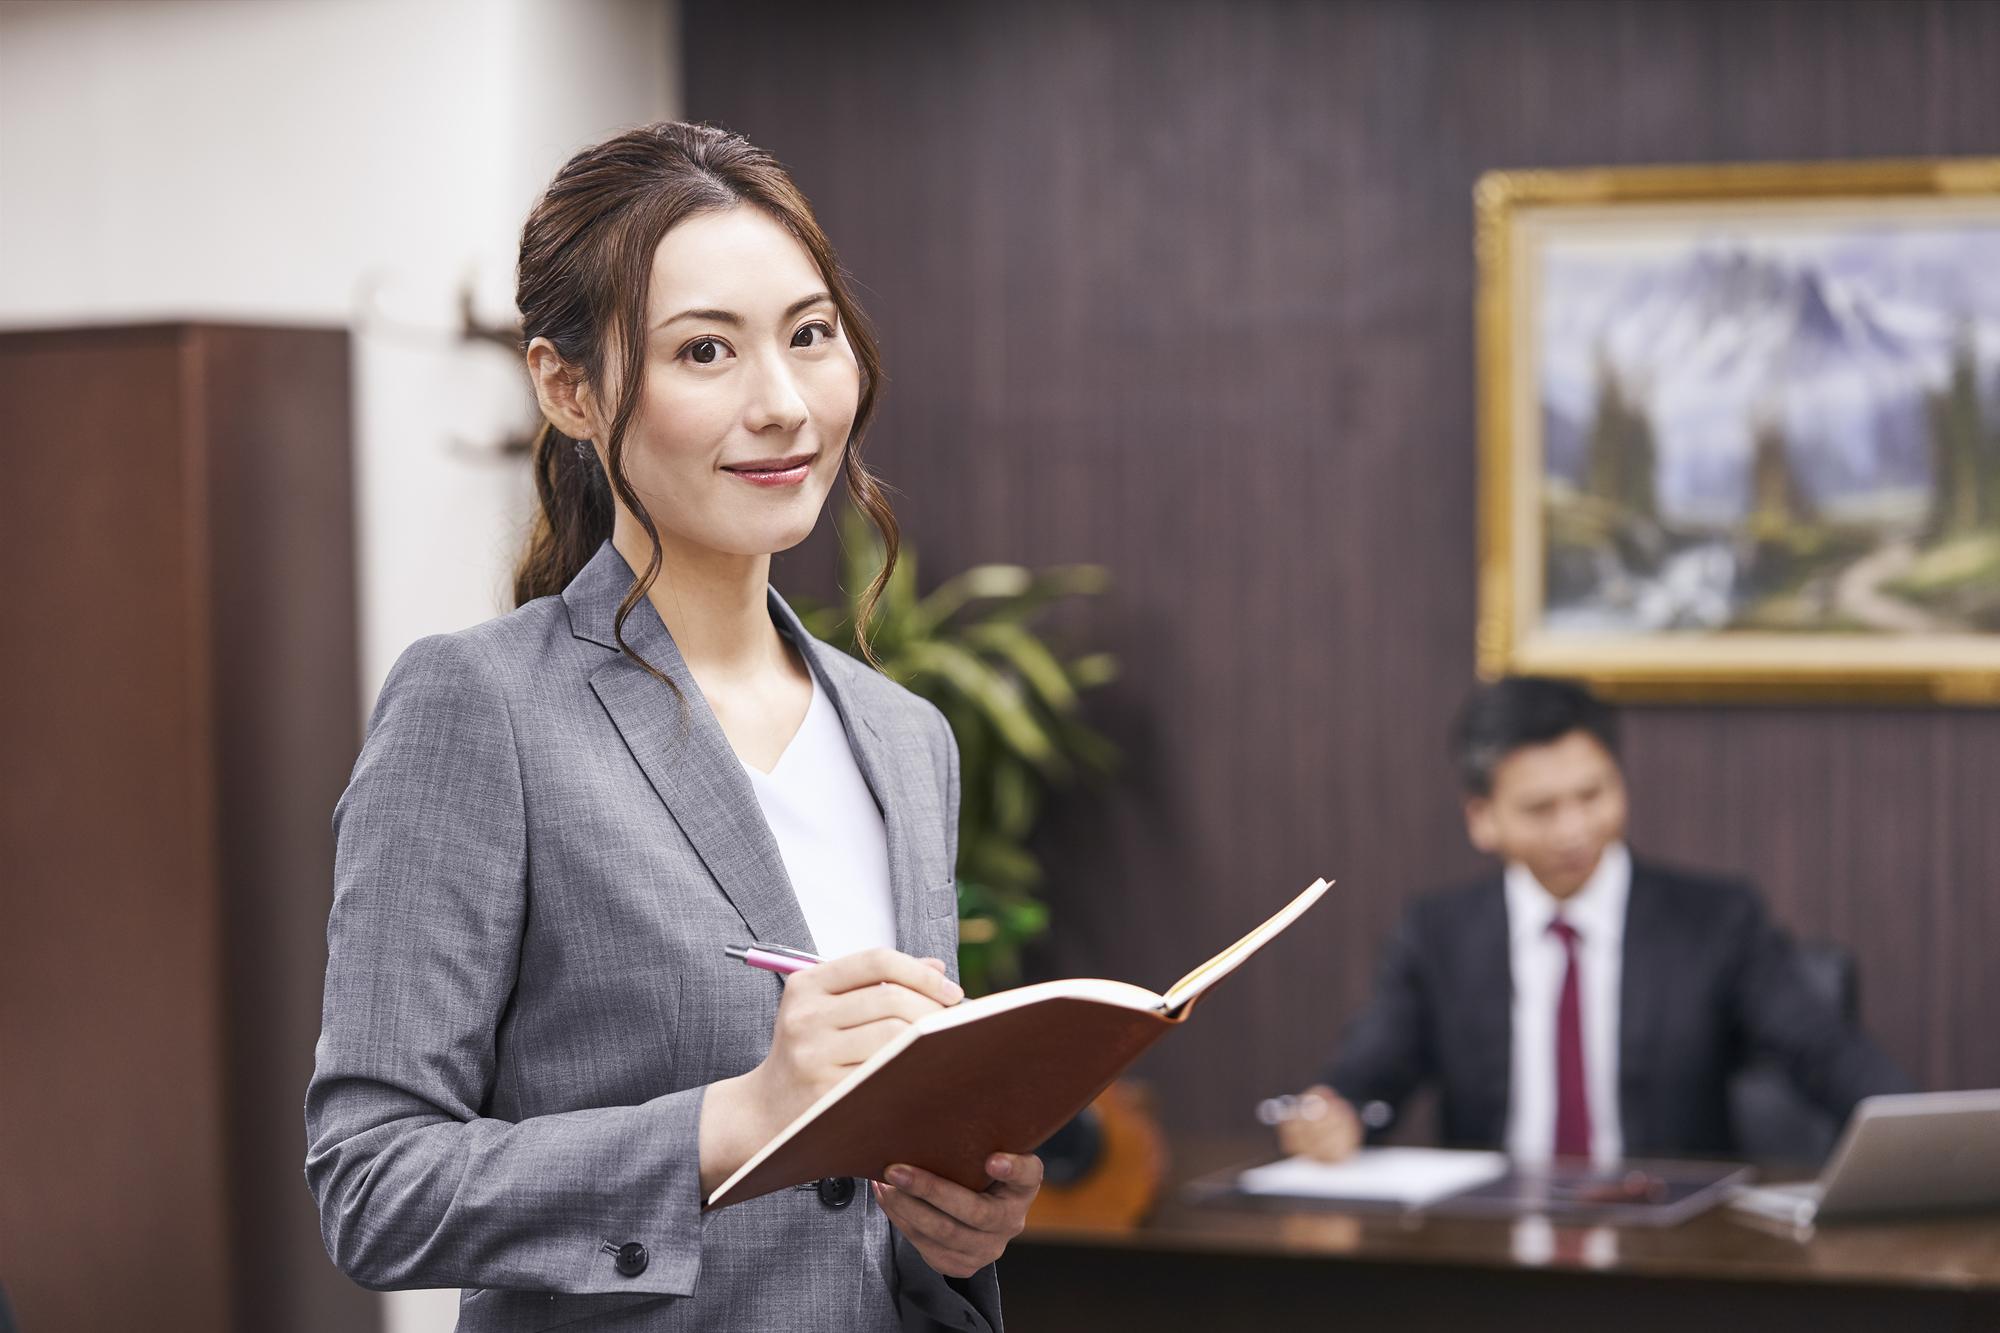 第二新卒や未経験でも秘書を目指すには?仕事のやりがい、スキル、転職方法の本当のところのイメージ